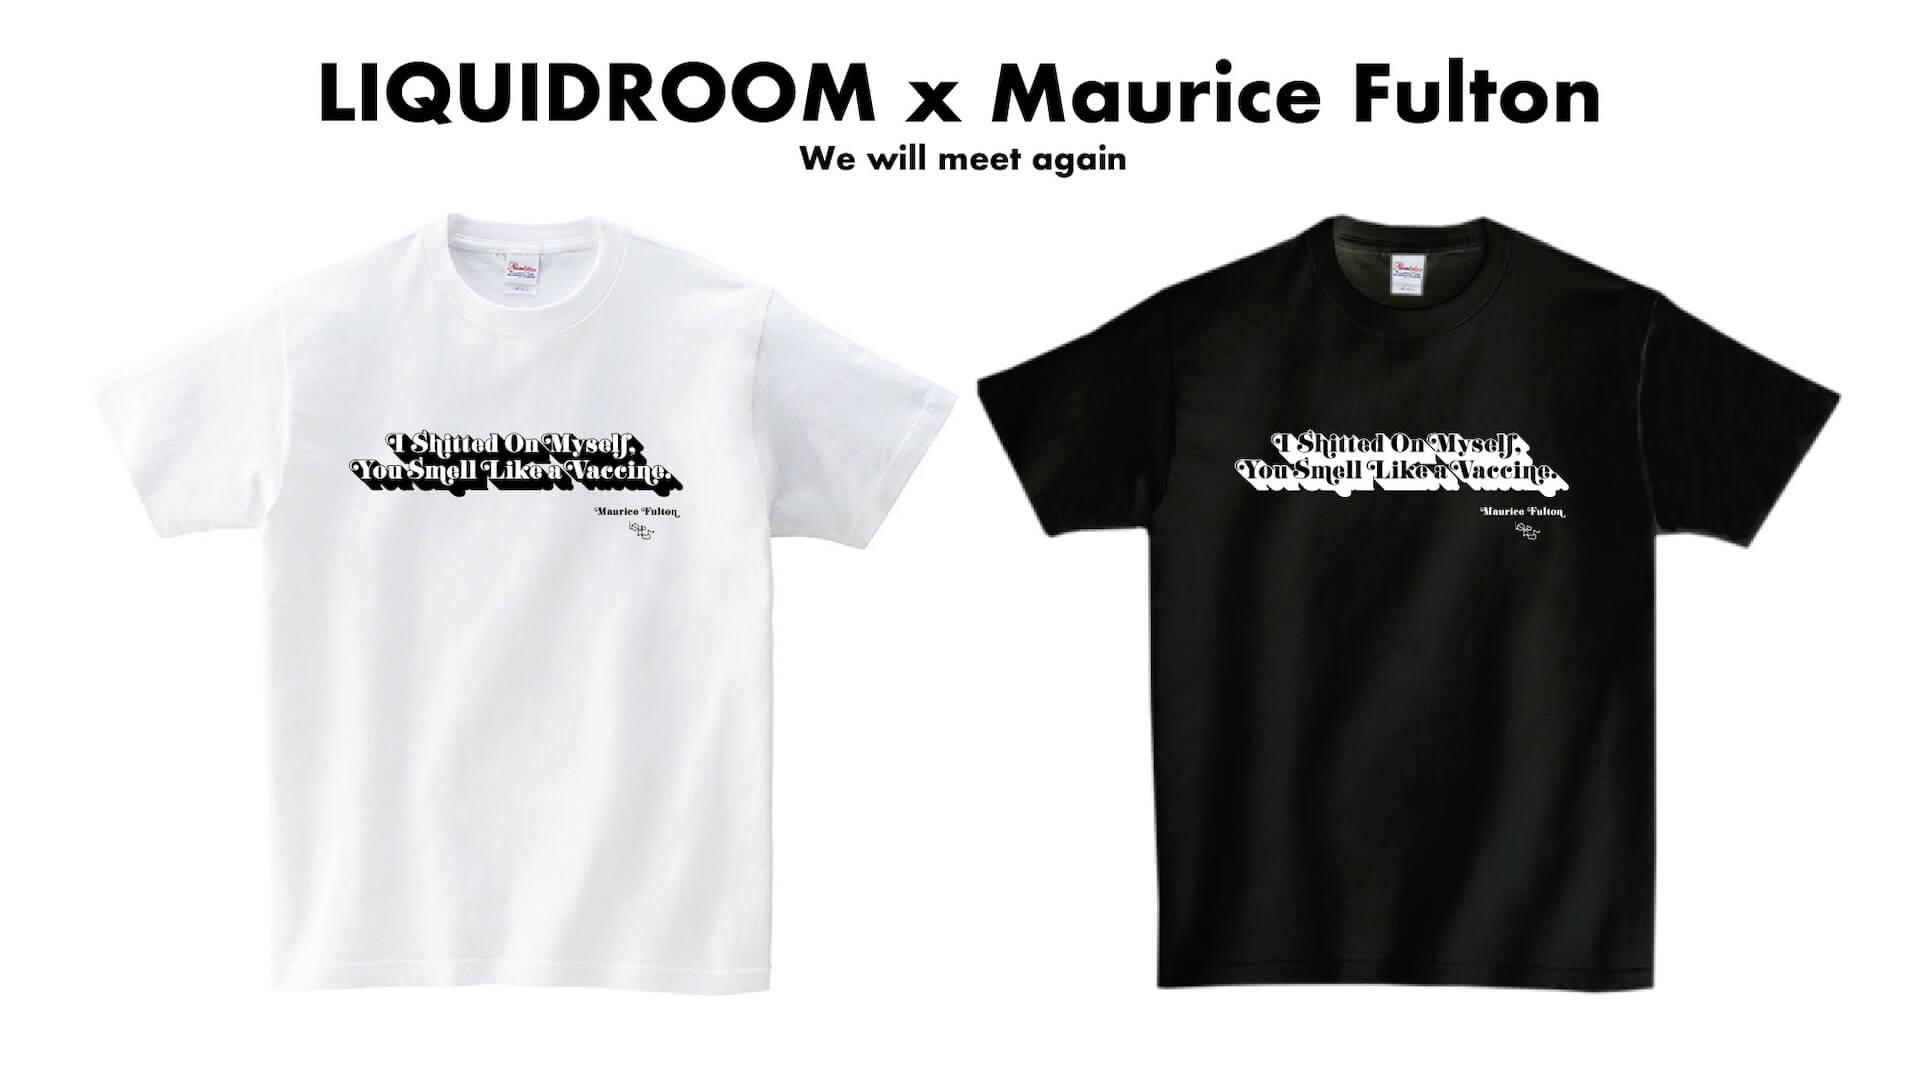 LIQUIDROOMのコラボTプロジェクトにMaurice Fulton、〈TOGA ARCHIVES〉の2組が登場!ニヤリなメッセージに注目です music200702-liquidroom-wwma-1